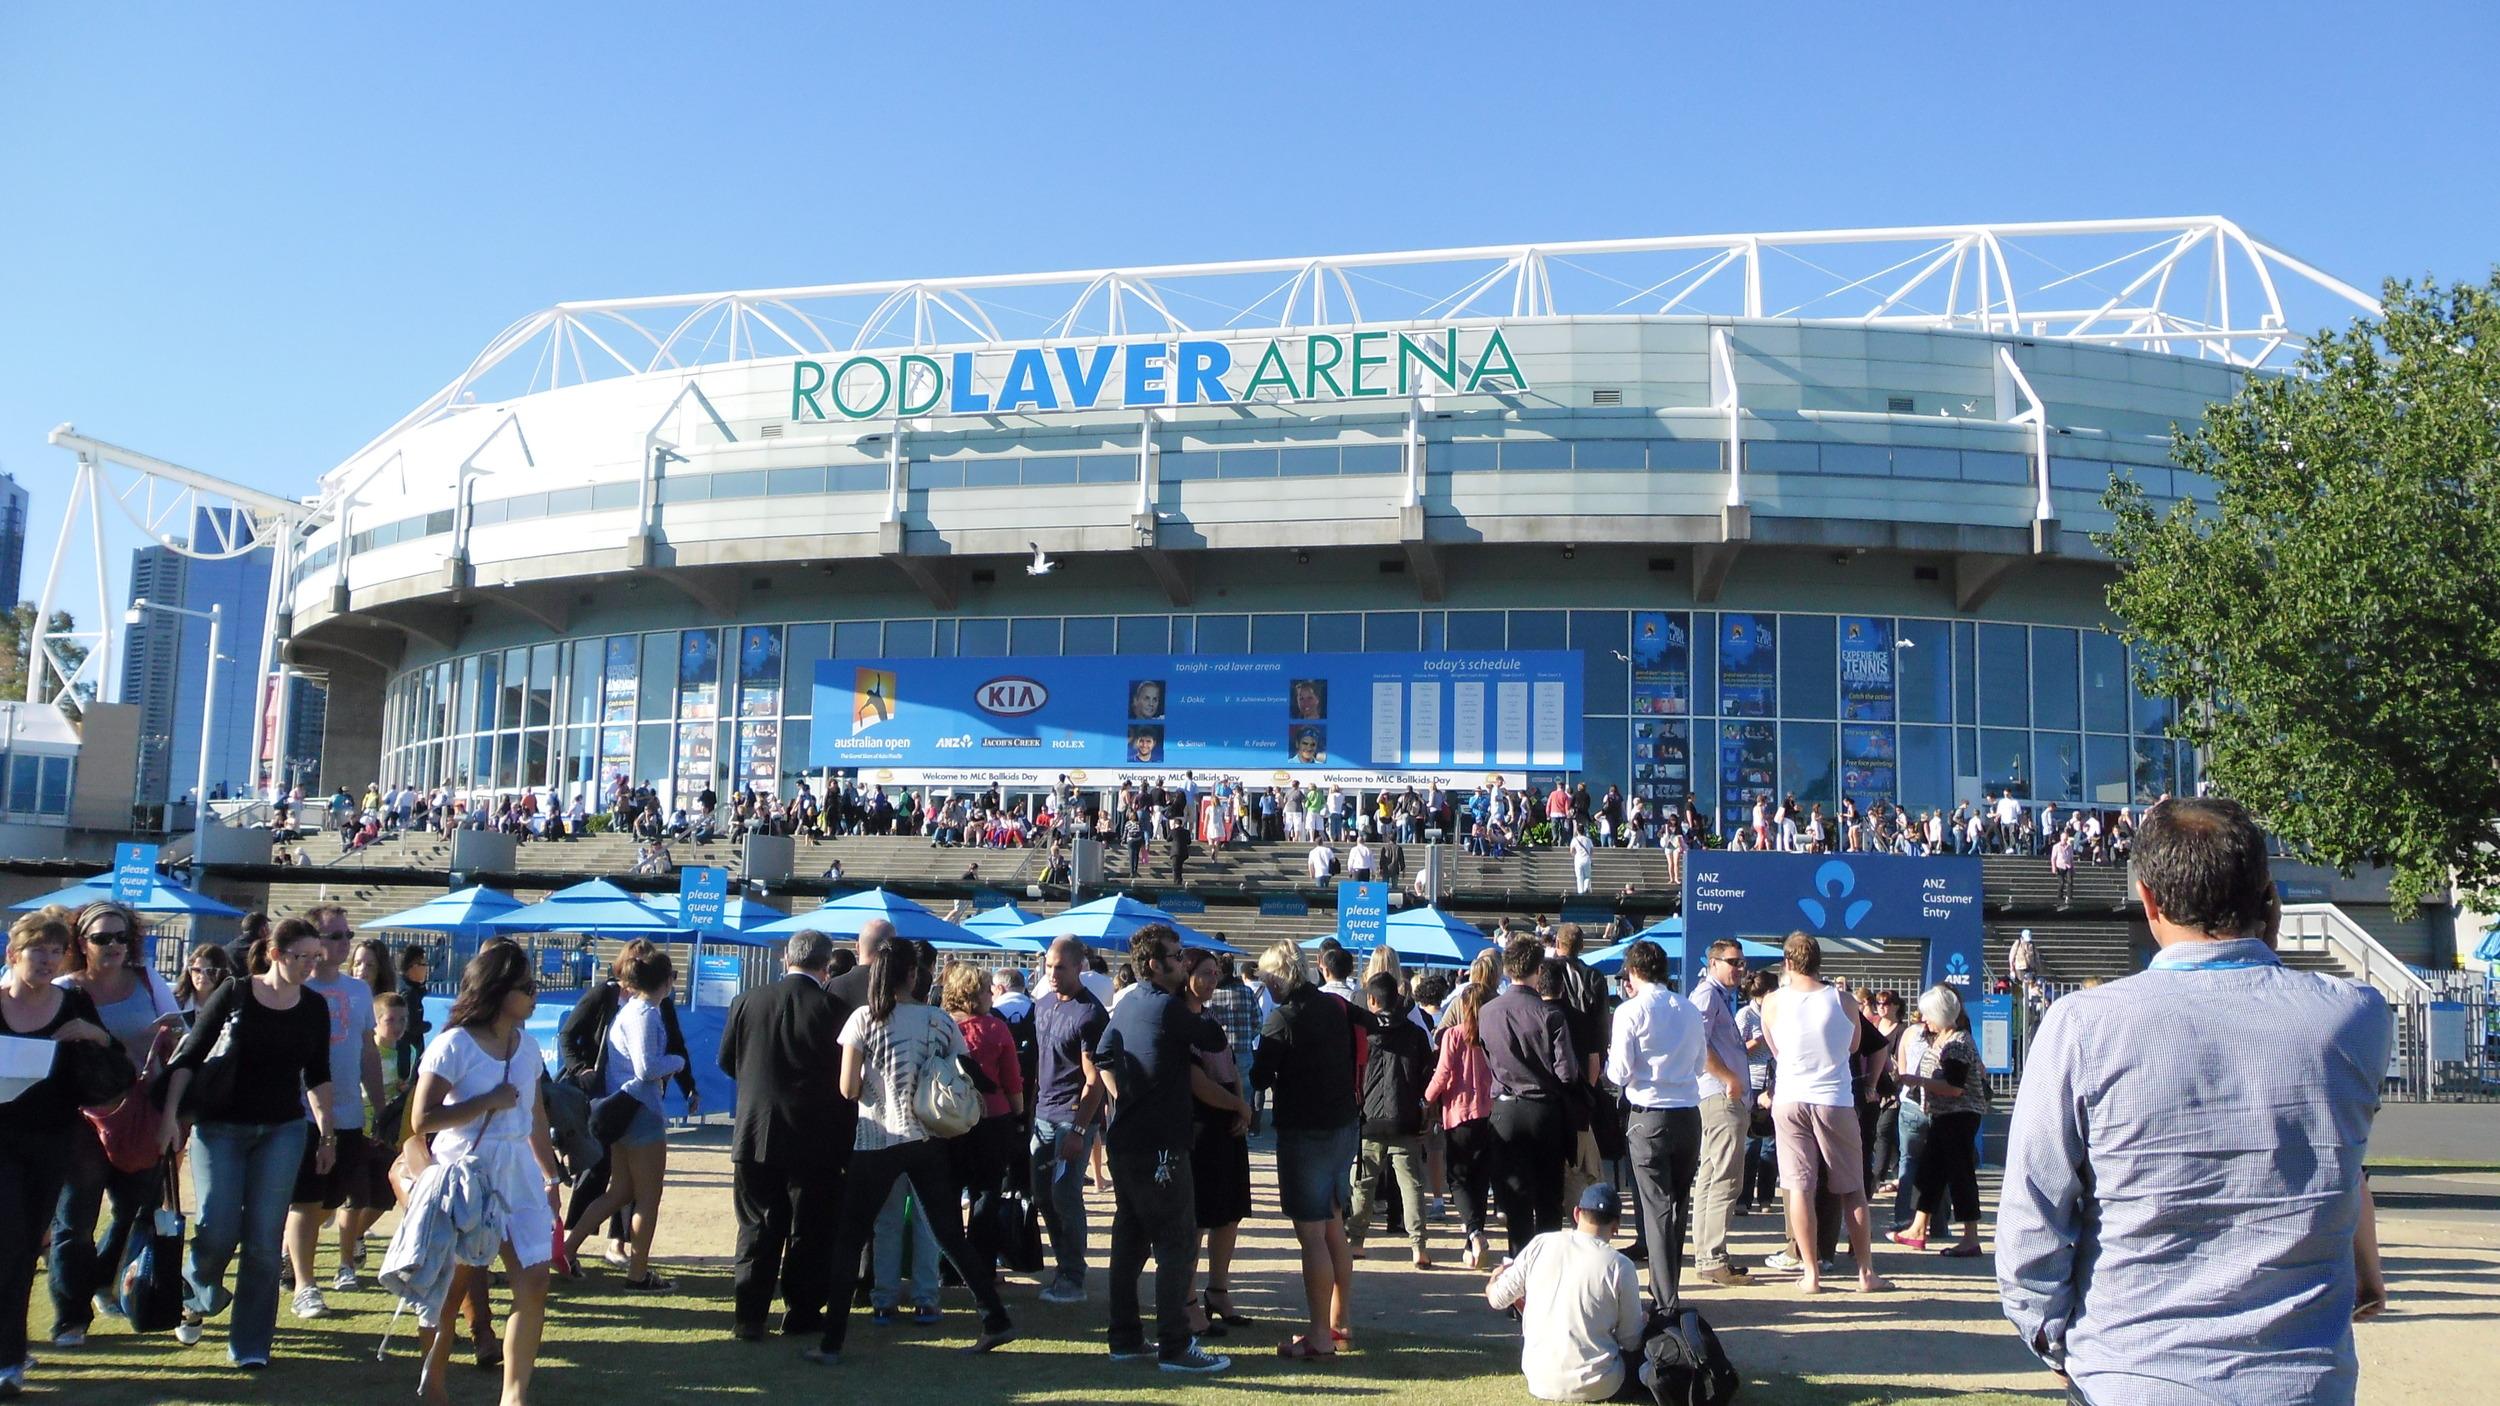 rod-laver-arena.jpg